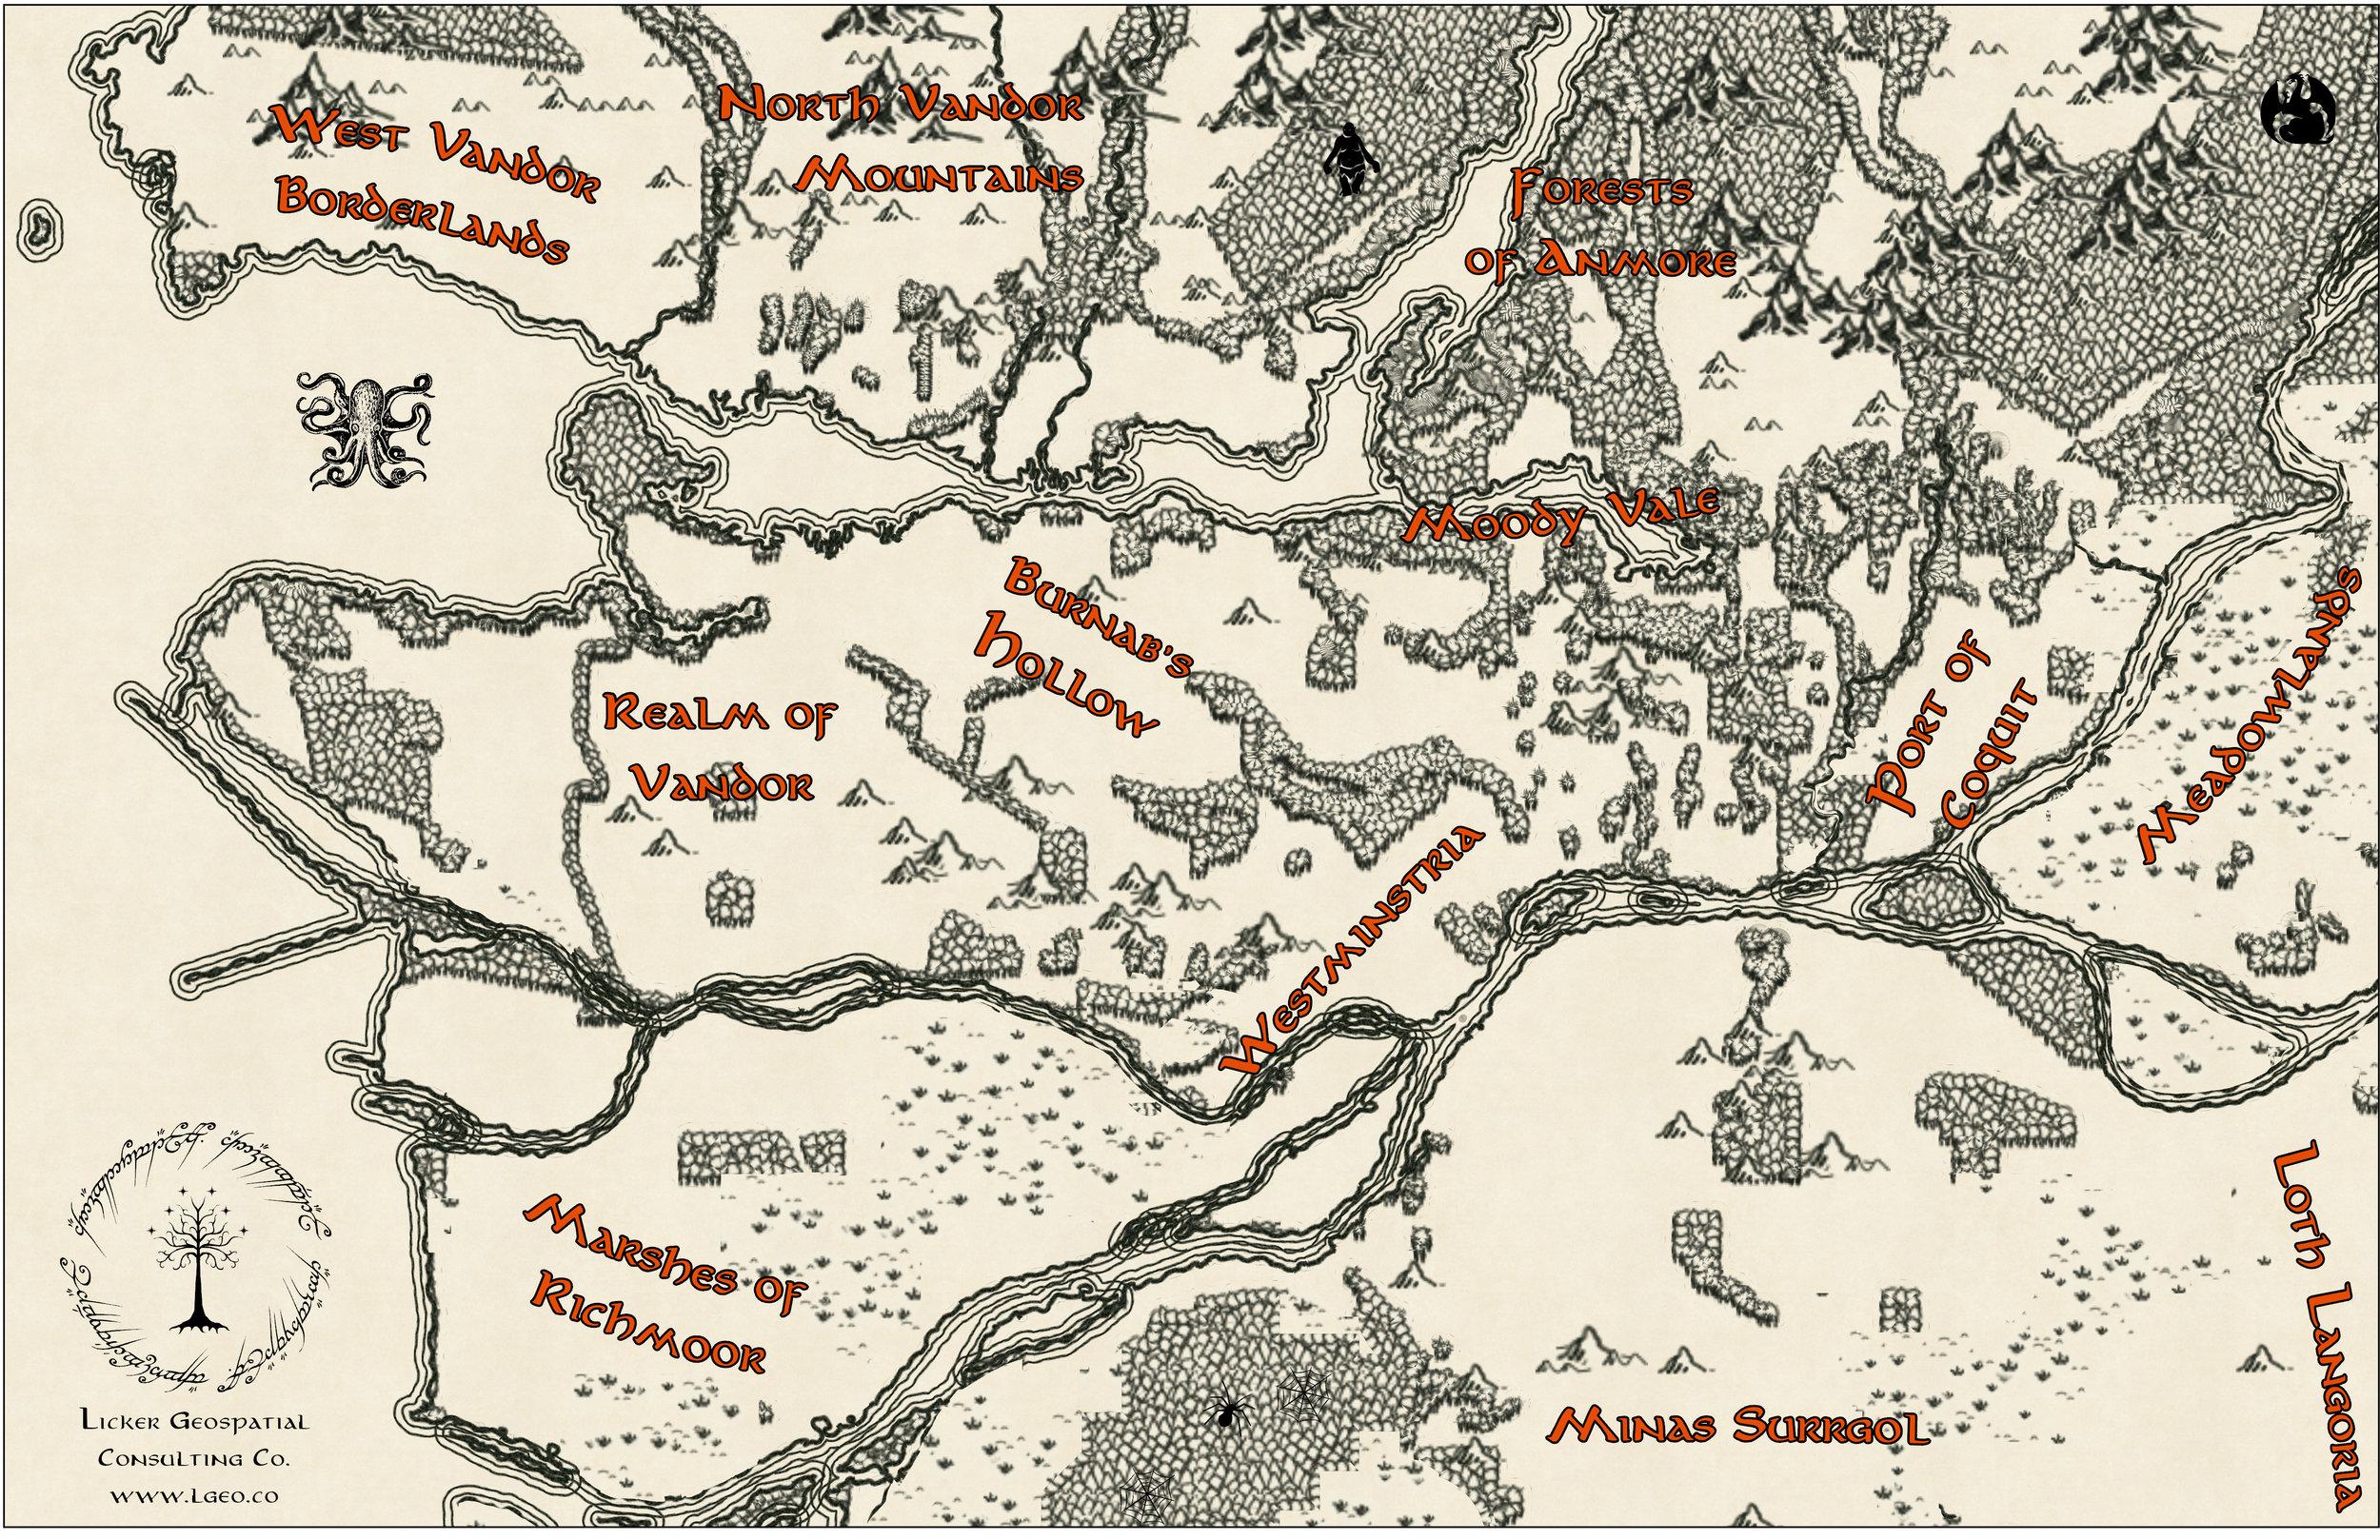 LOTR_Map_V1.jpg